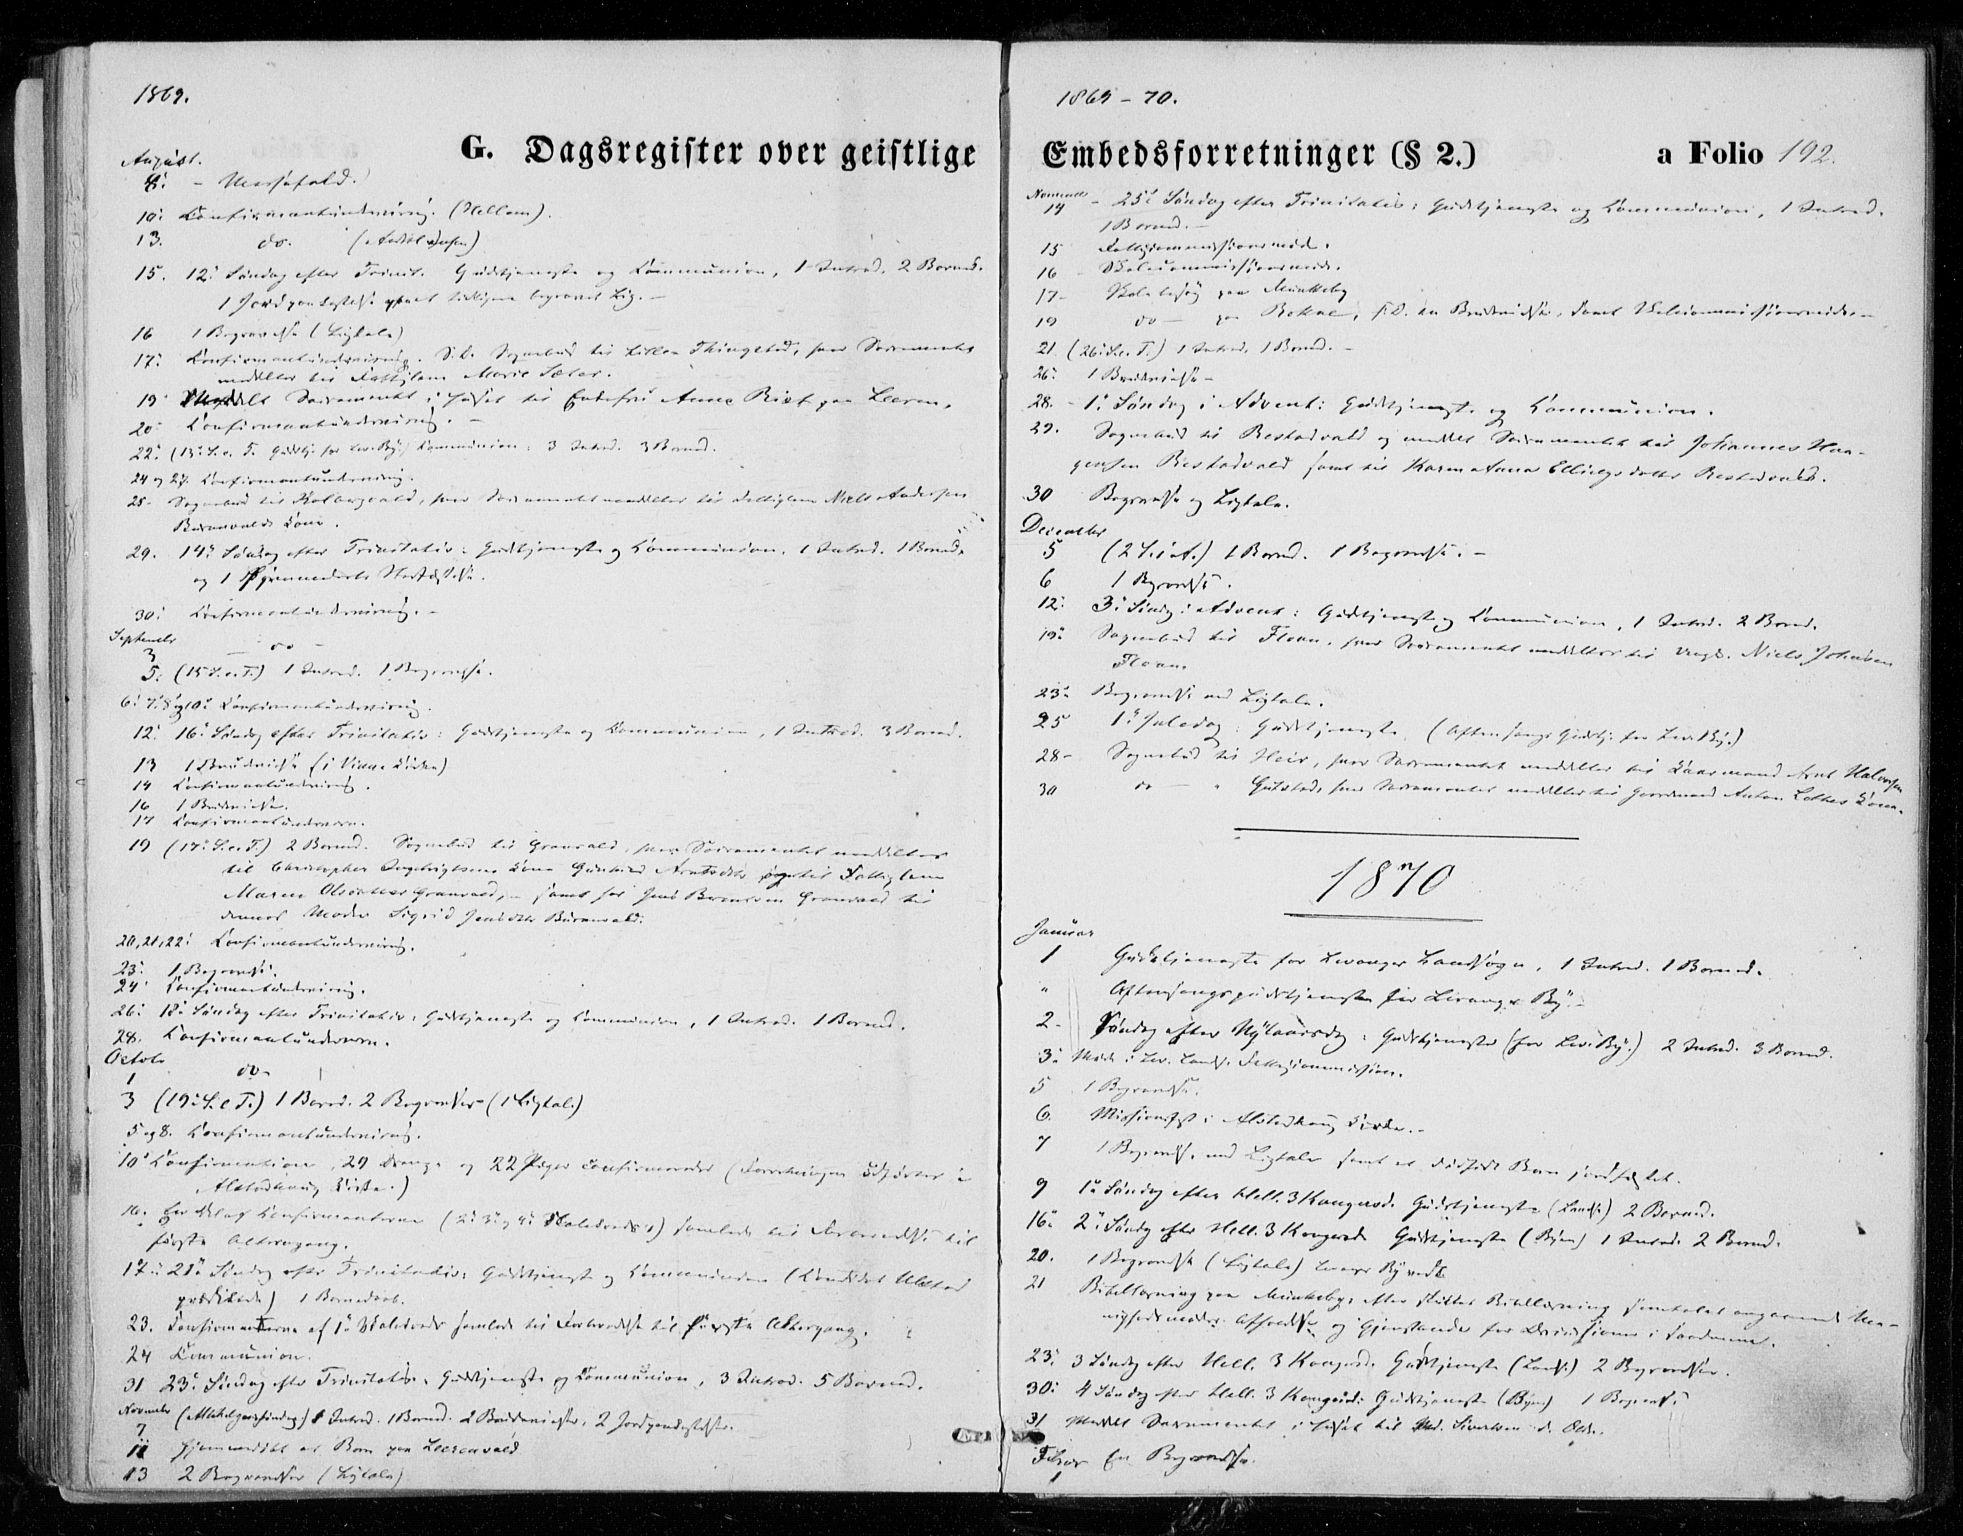 SAT, Ministerialprotokoller, klokkerbøker og fødselsregistre - Nord-Trøndelag, 721/L0206: Ministerialbok nr. 721A01, 1864-1874, s. 192